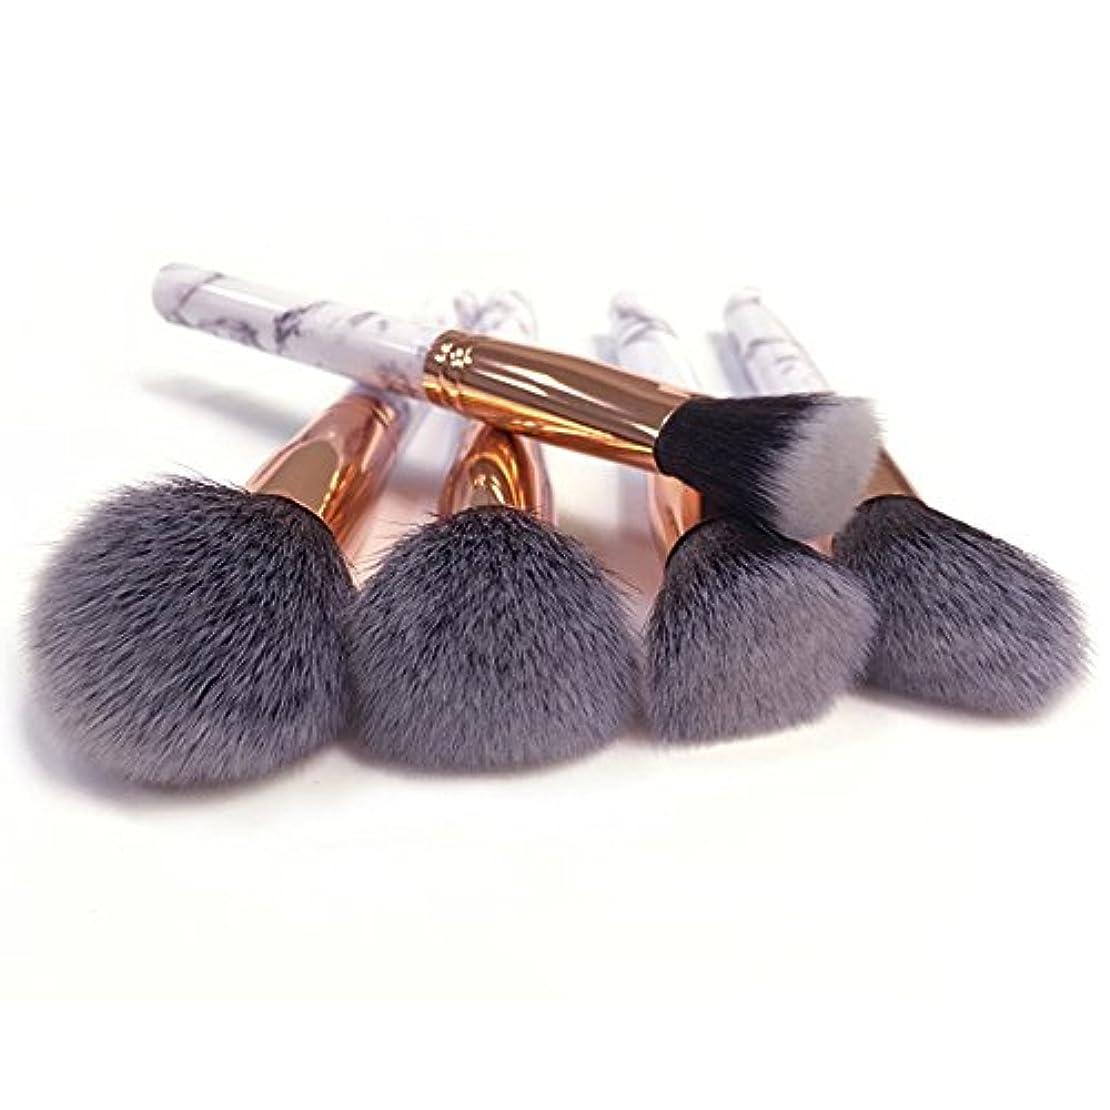 木曜日織機パンチAkane 10本 大理石紋 超気質的 セート 多機能 柔らかい たっぷり 高級 優雅 綺麗 魅力 上等な使用感 激安 日常 仕事 おしゃれ Makeup Brush メイクアップブラシ